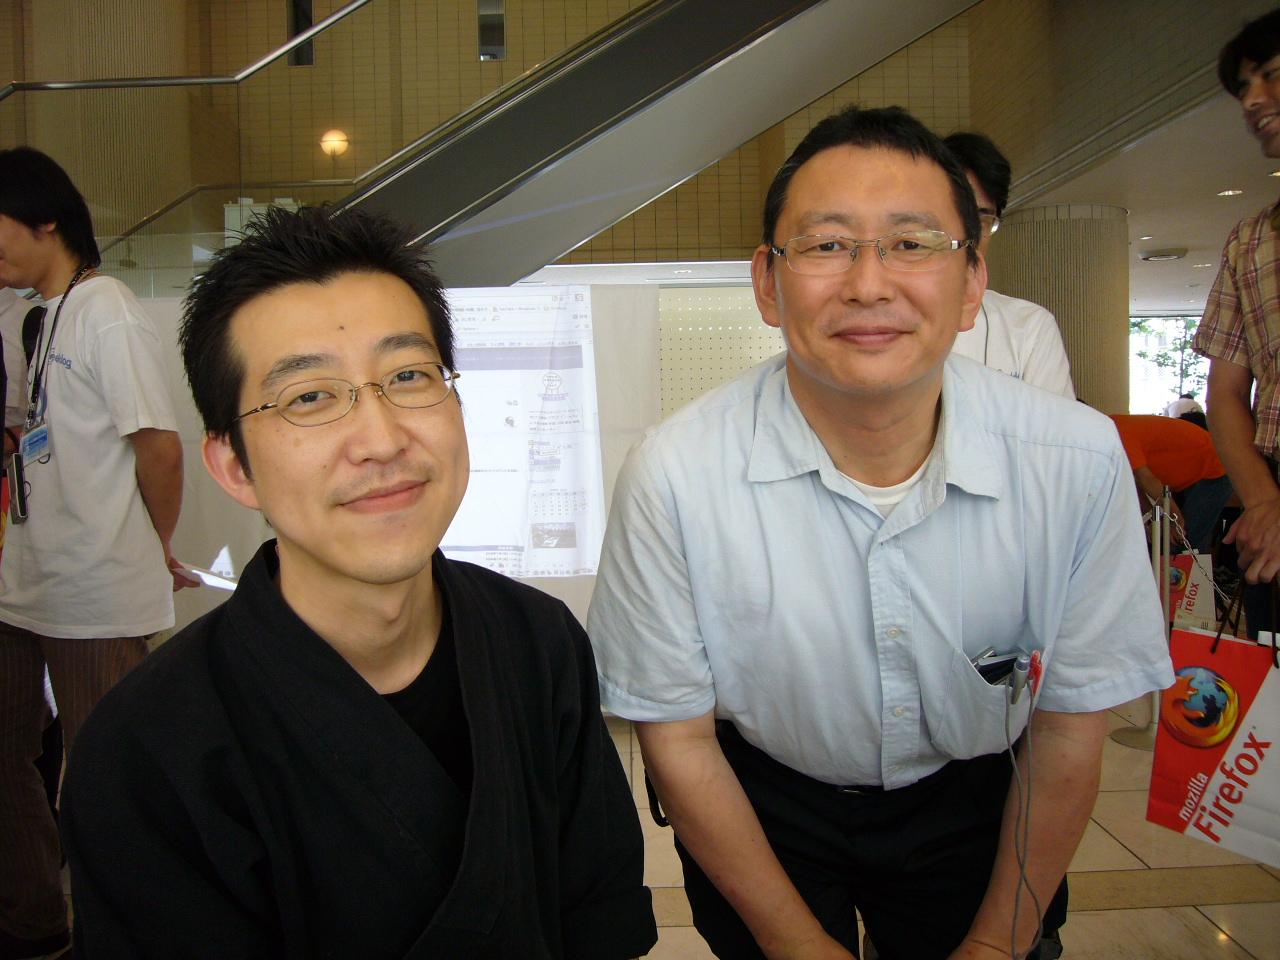 オープンソースカンファレンス2008Kansai@Kyoto13